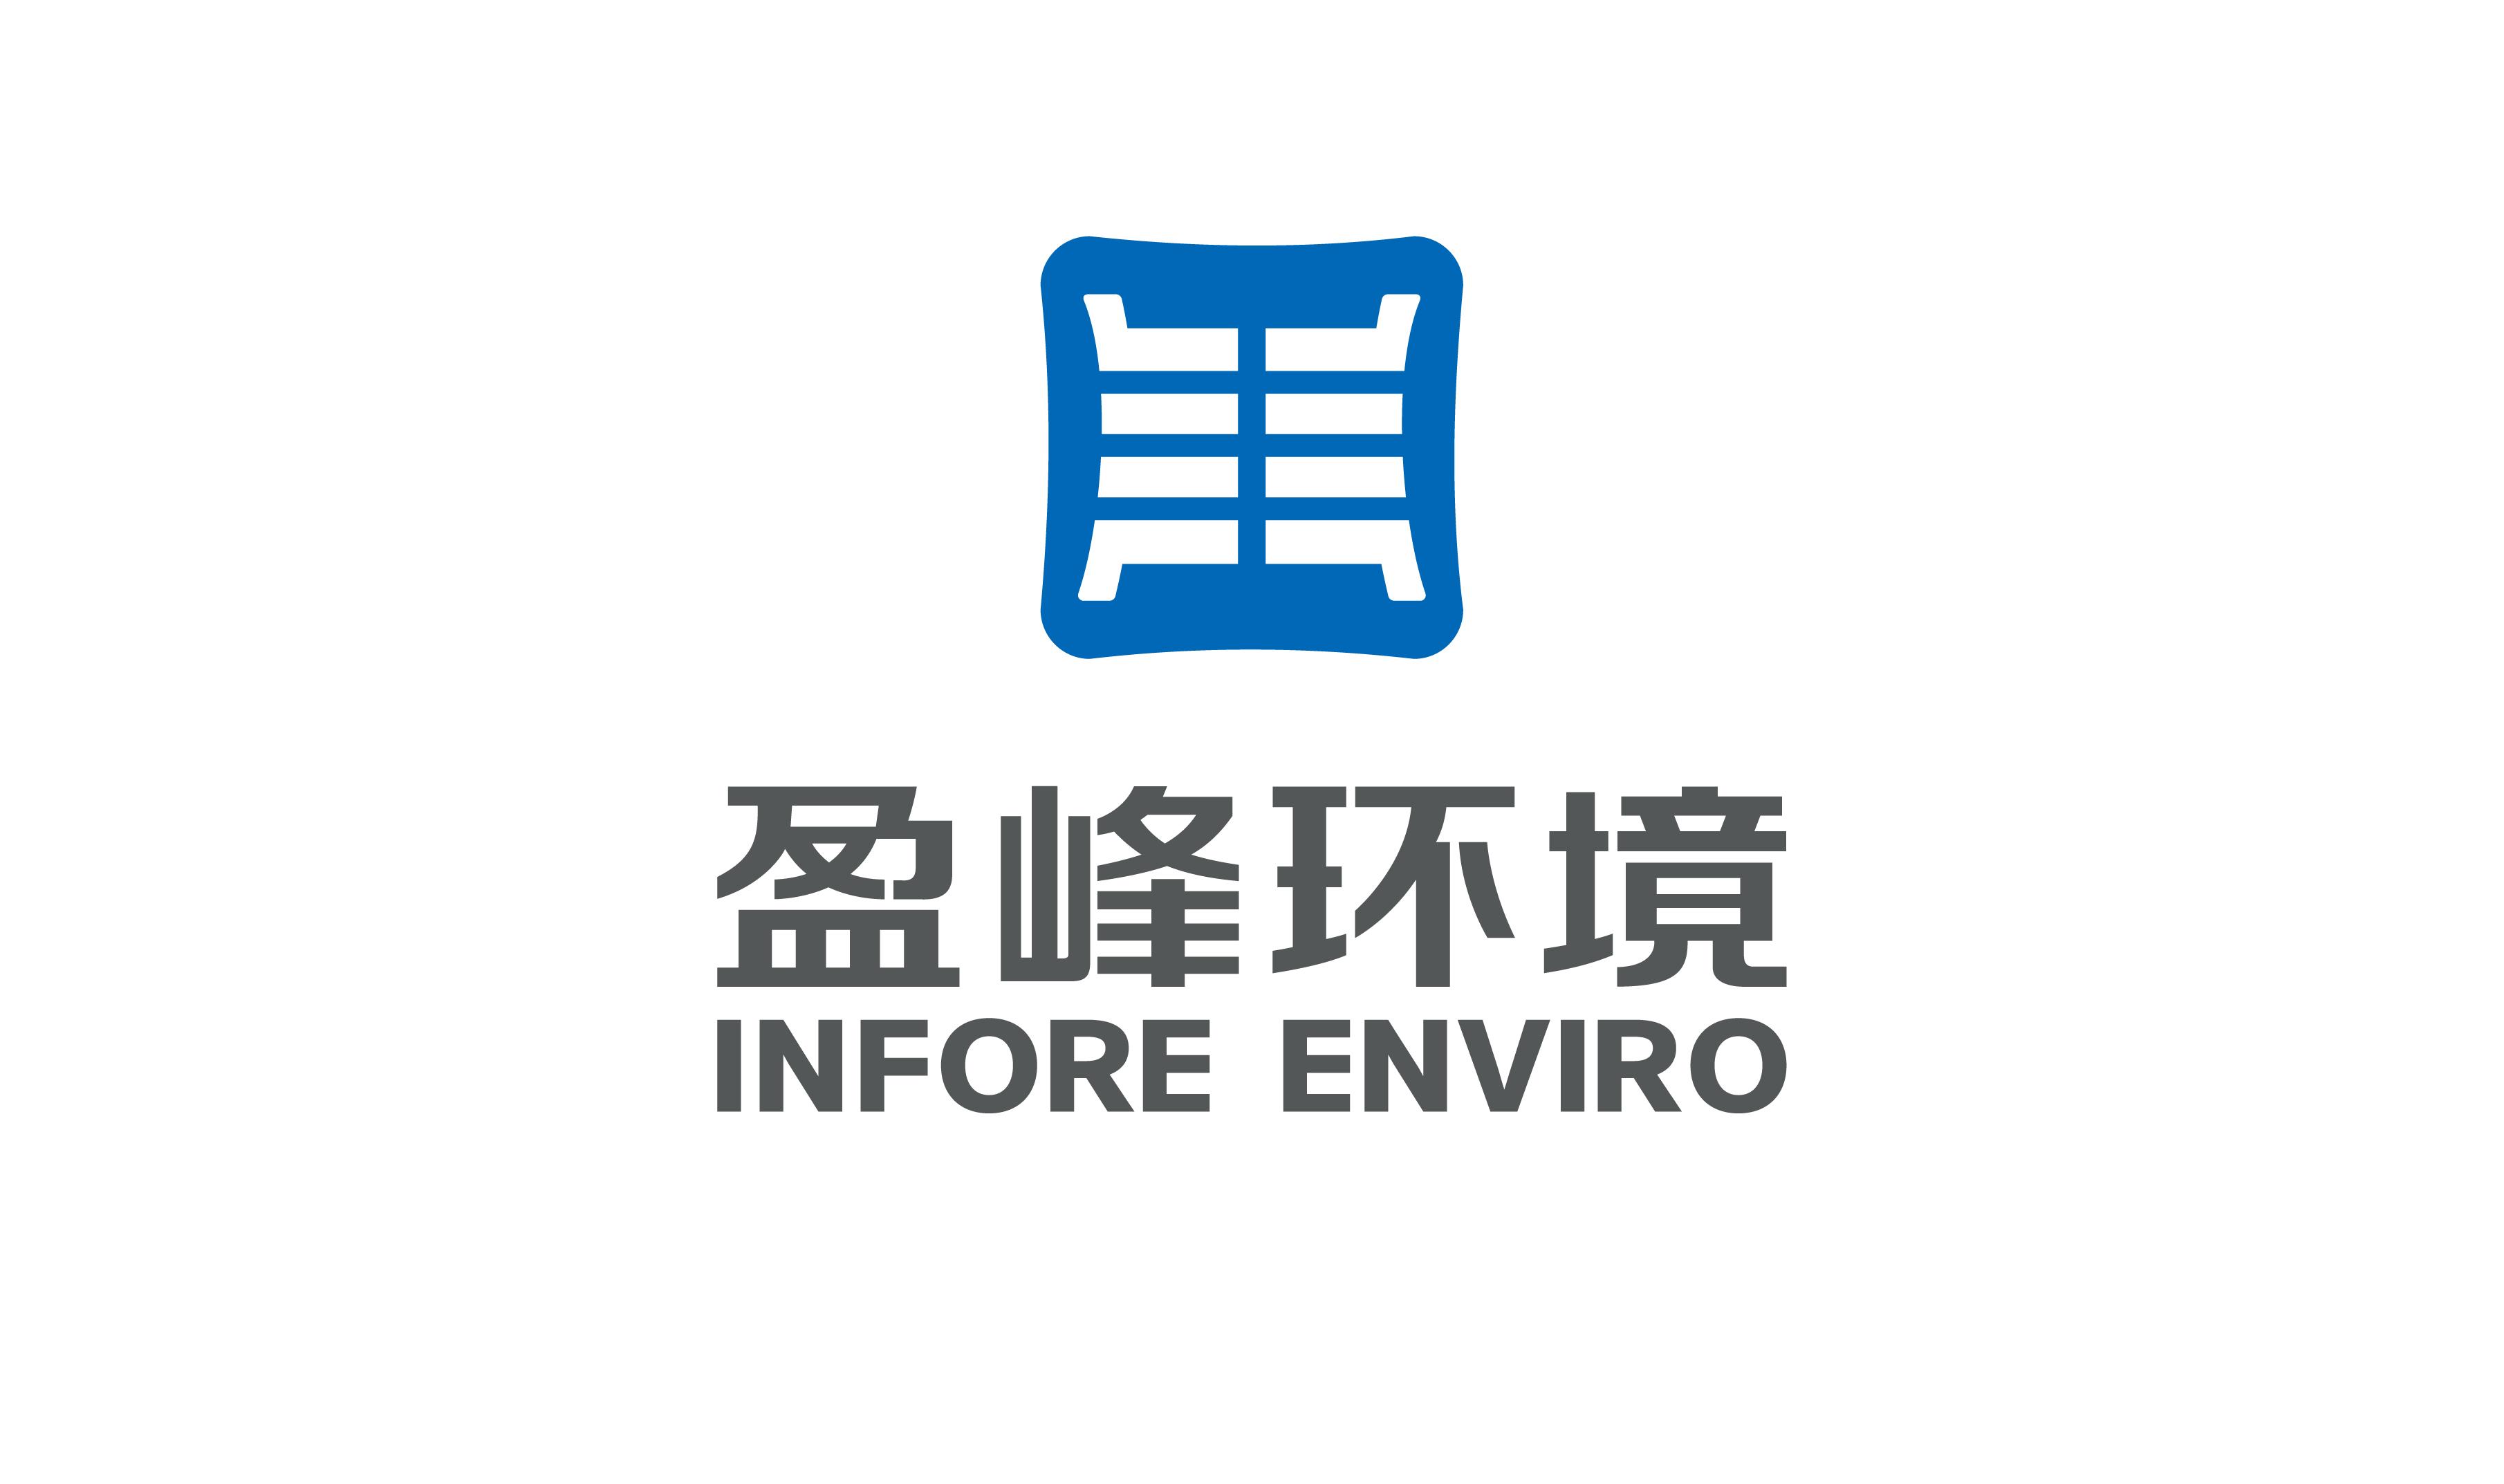 盈峰环境科技集团股份雷竞技raybet官网